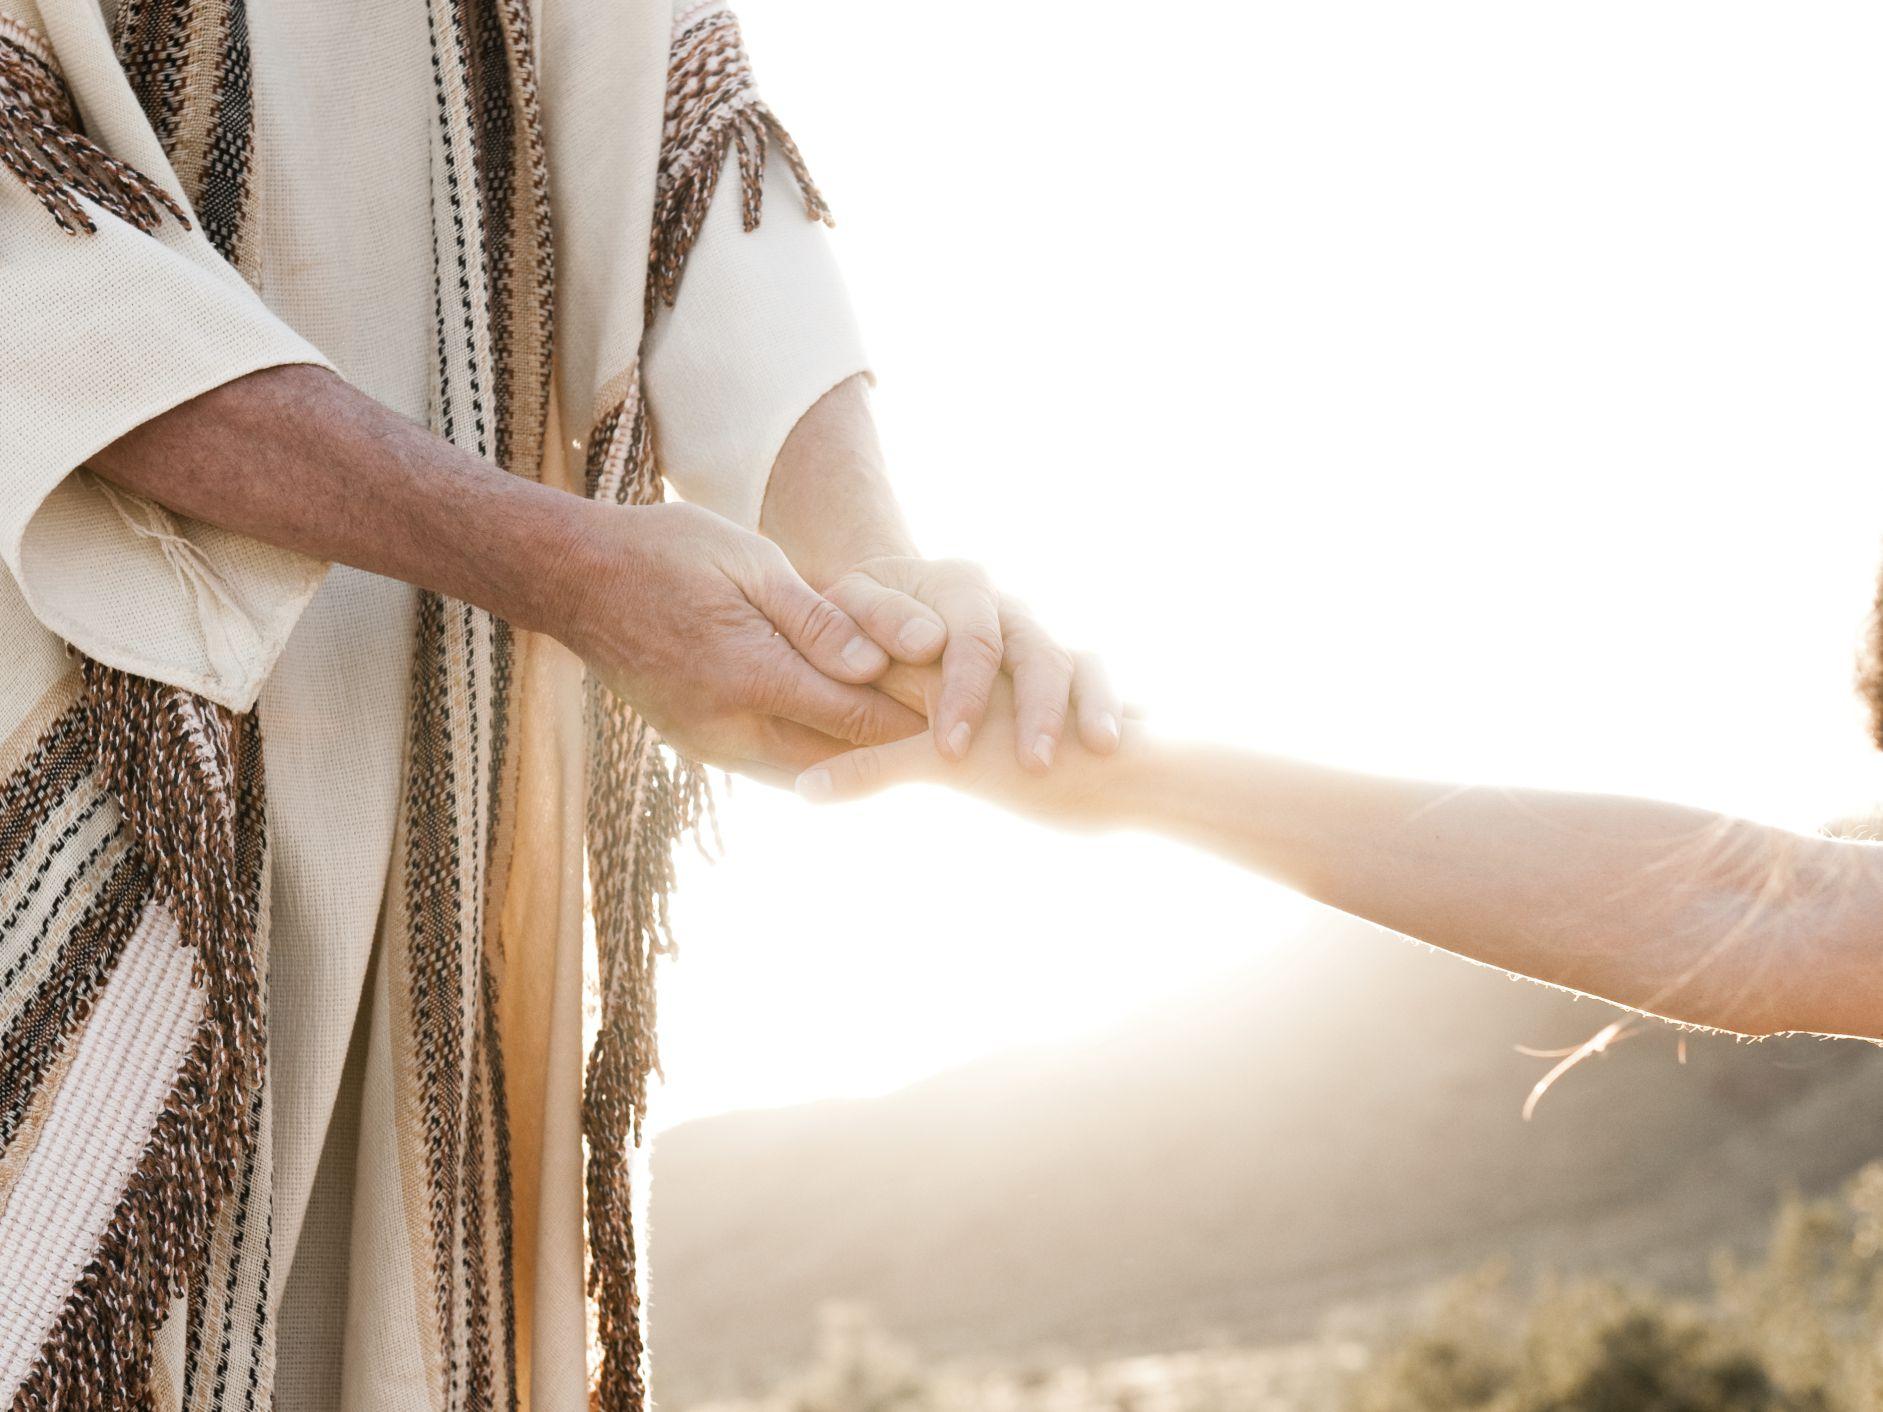 RAHASIA MURID-MURID YESUS -Renungan APP 13 Maret 2021